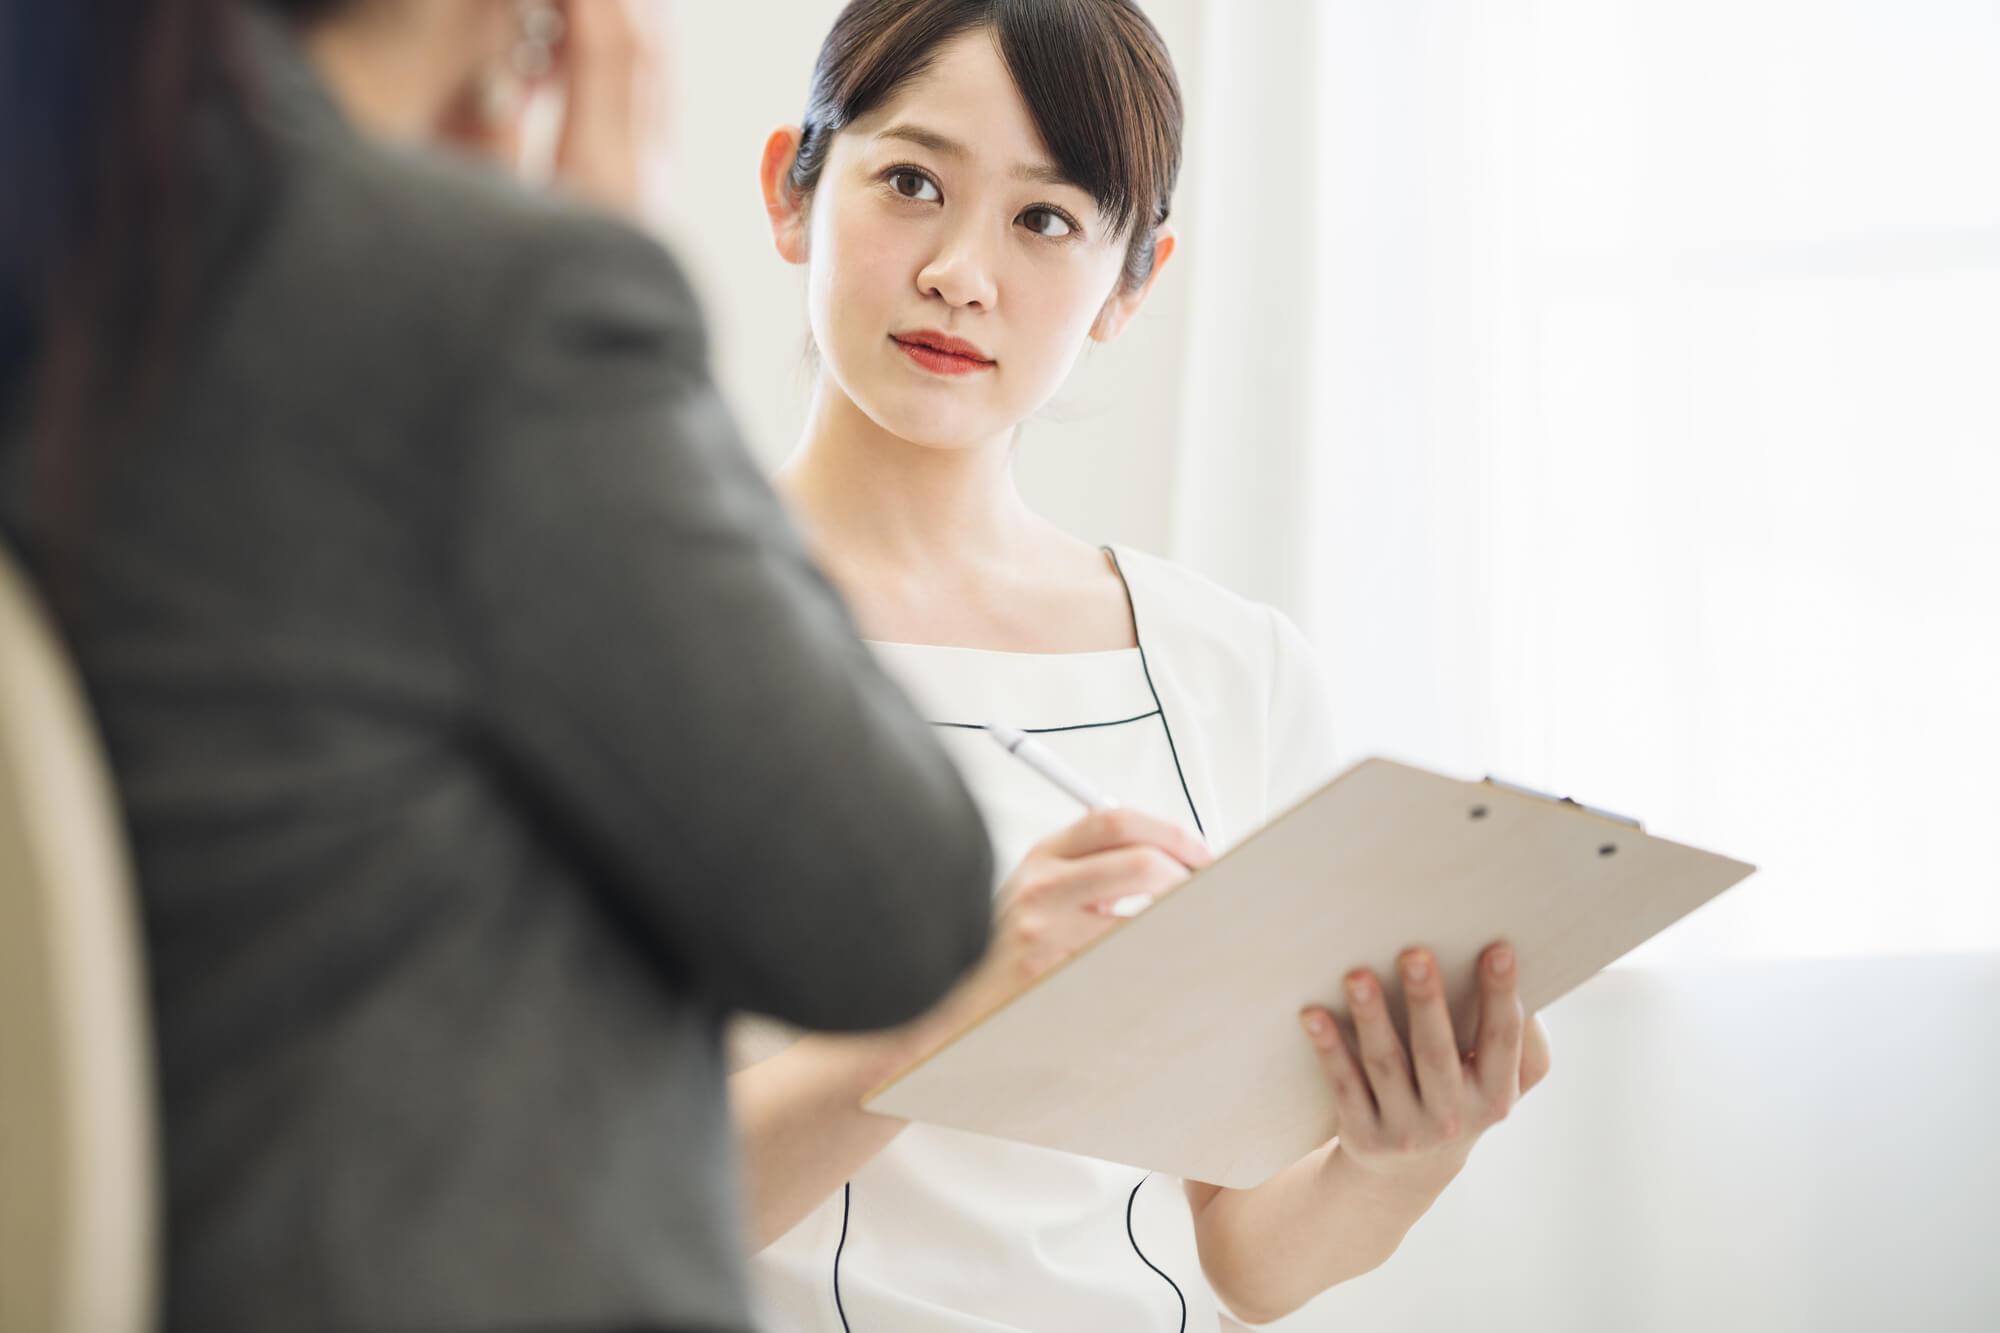 カウンセリング方法を丁寧に説明する女性カウンセラー